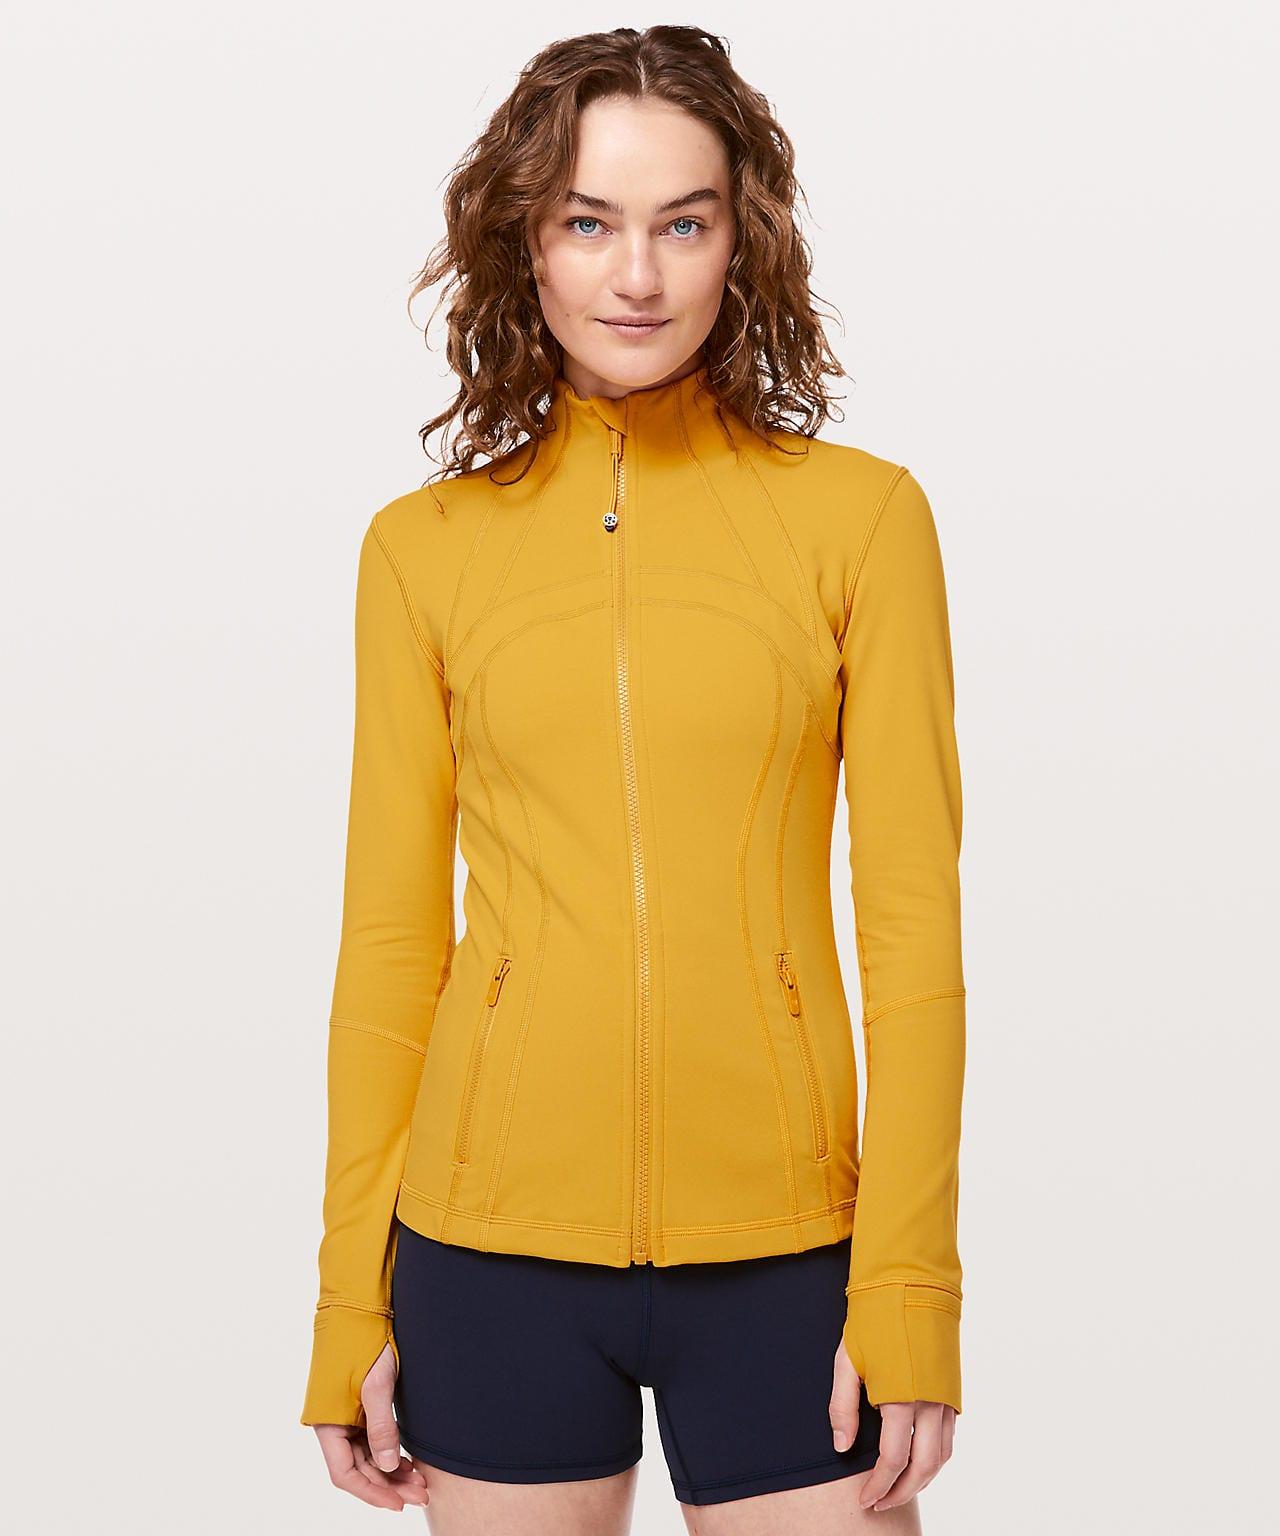 The Lululemon Upload, Define Jacket Honey Lemon, Lululemon Yellow